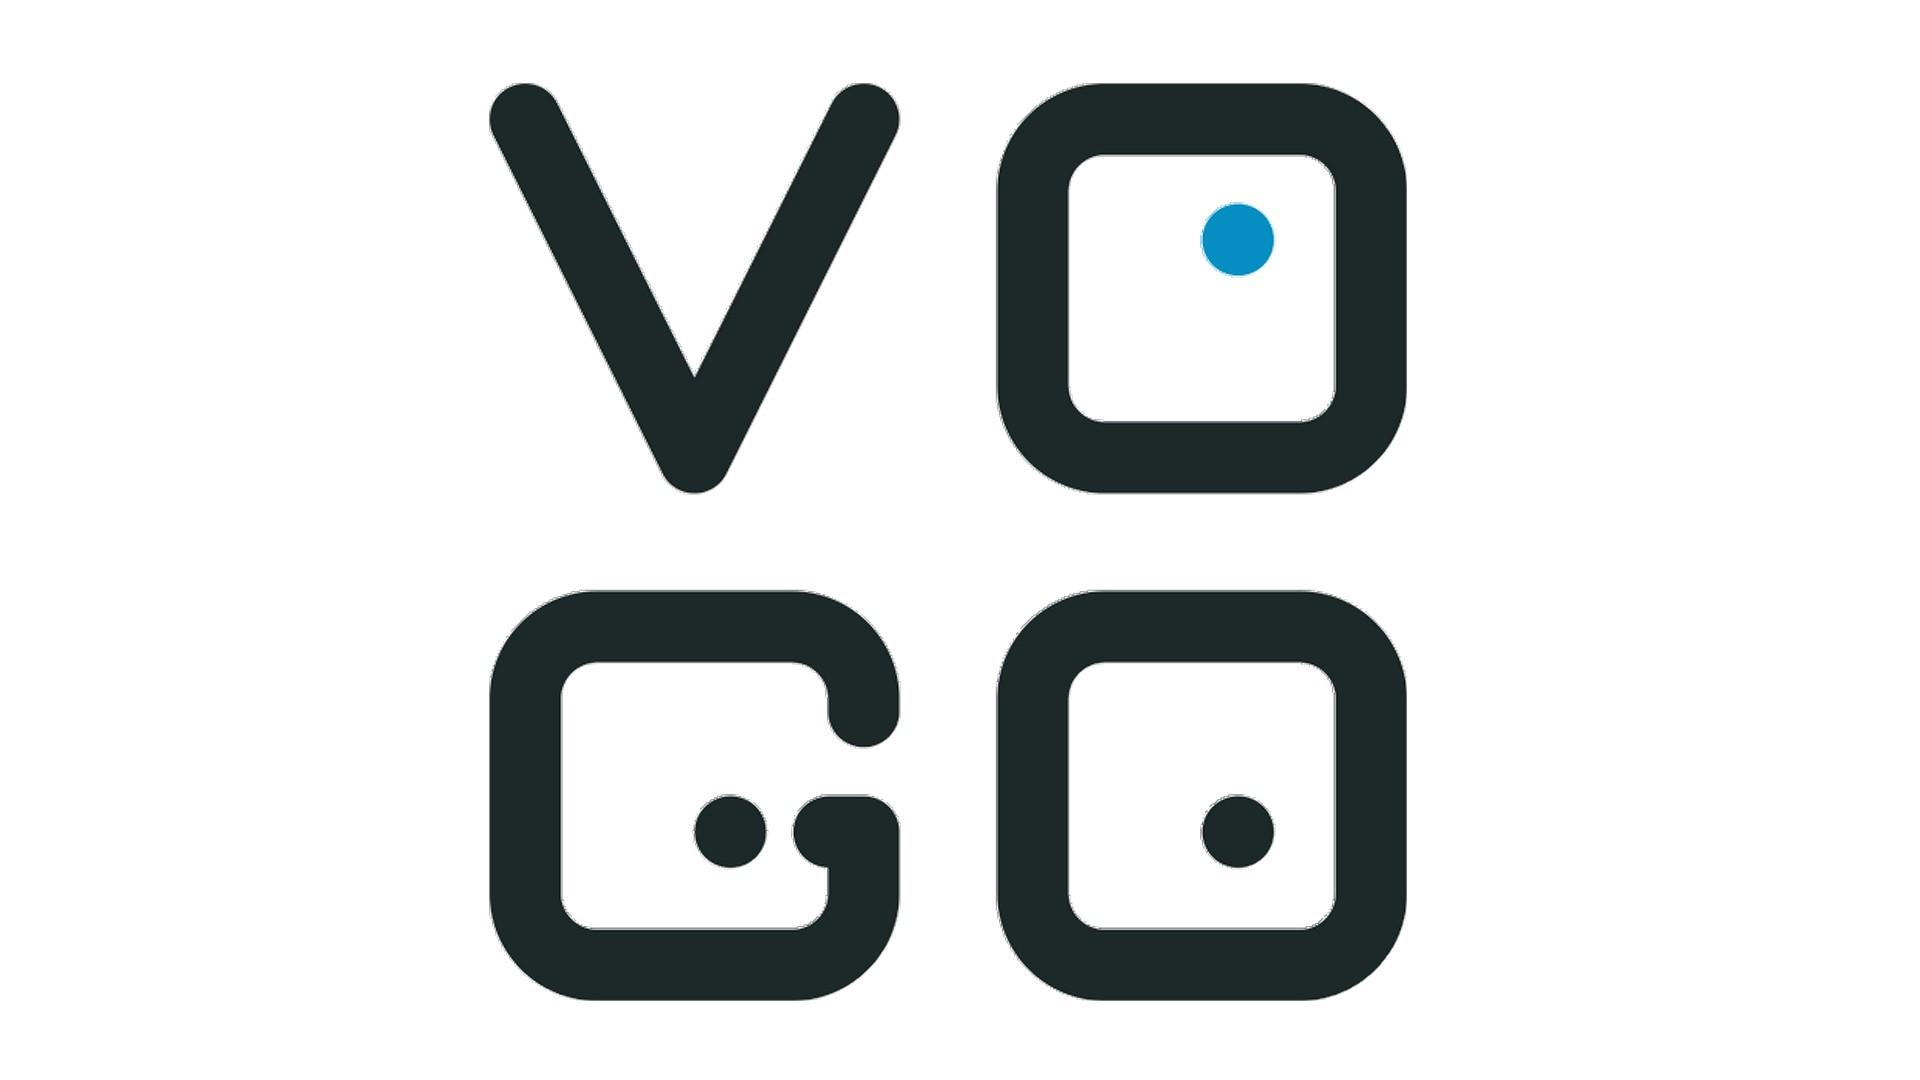 Vogo (1) Logo